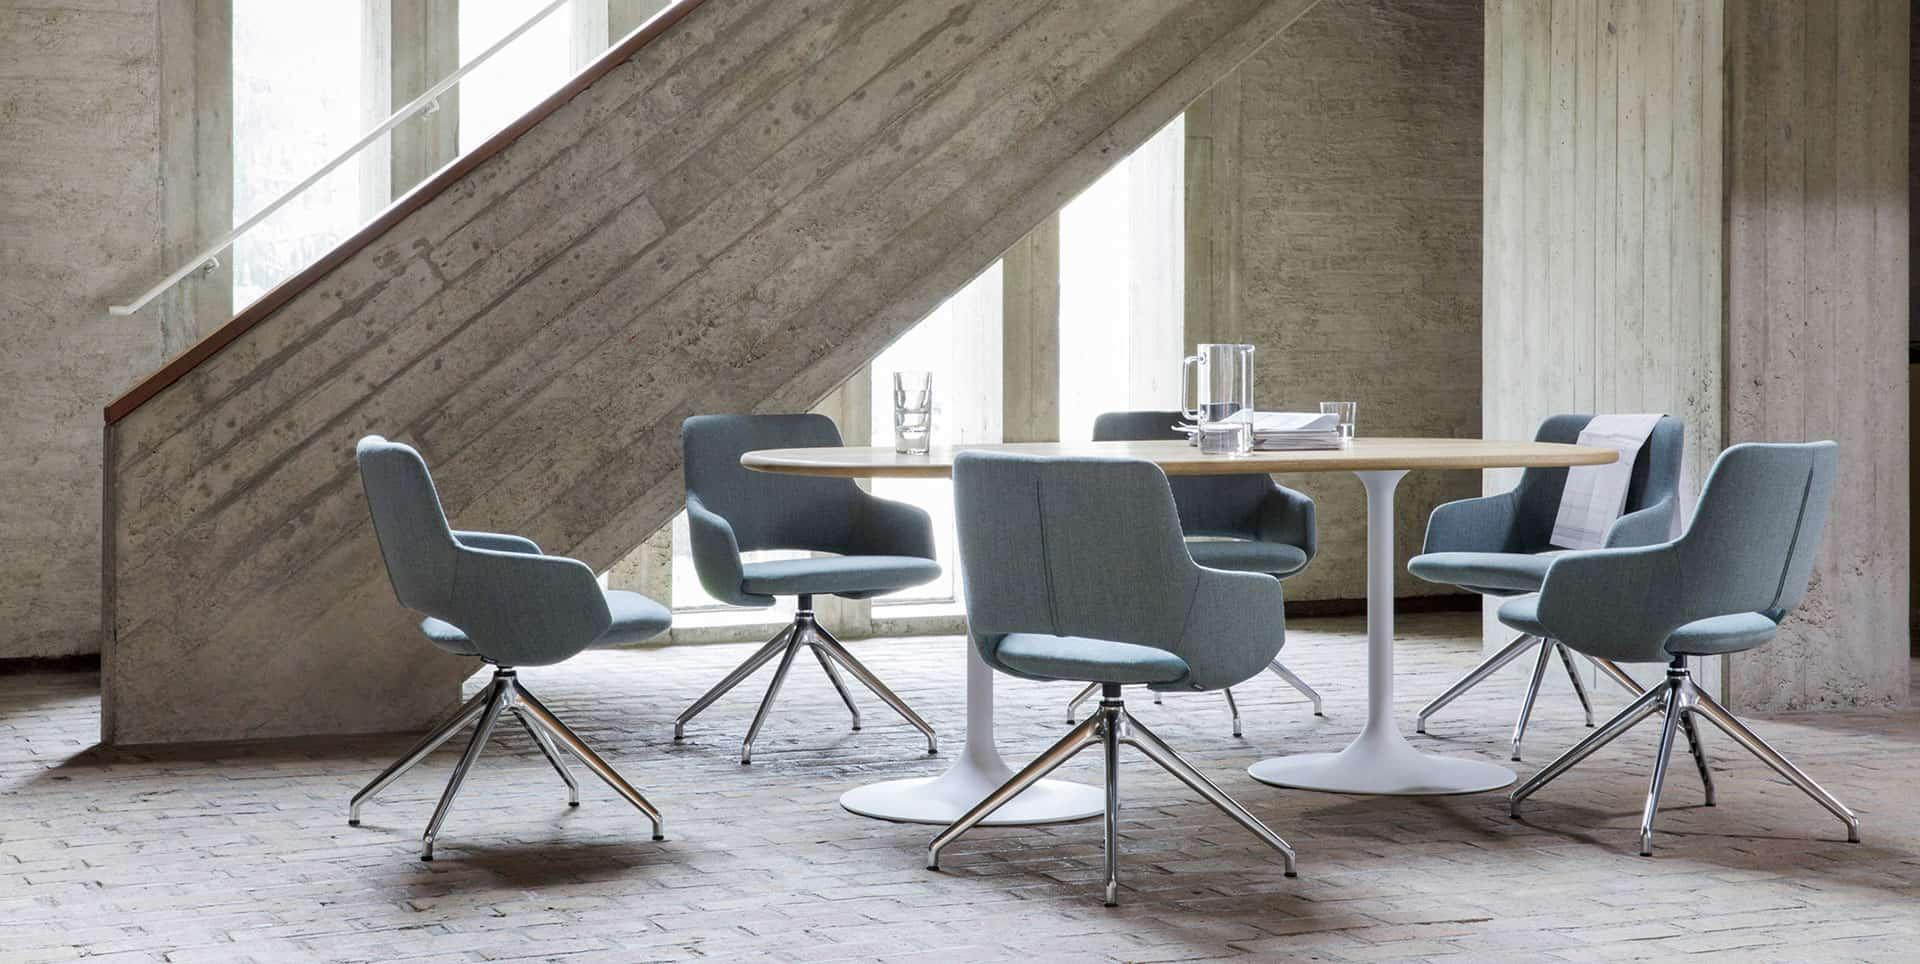 fauteuils, sièges table de réunion à Caen (Calvados -14) en Normandie - Artifort Sfeer Jima